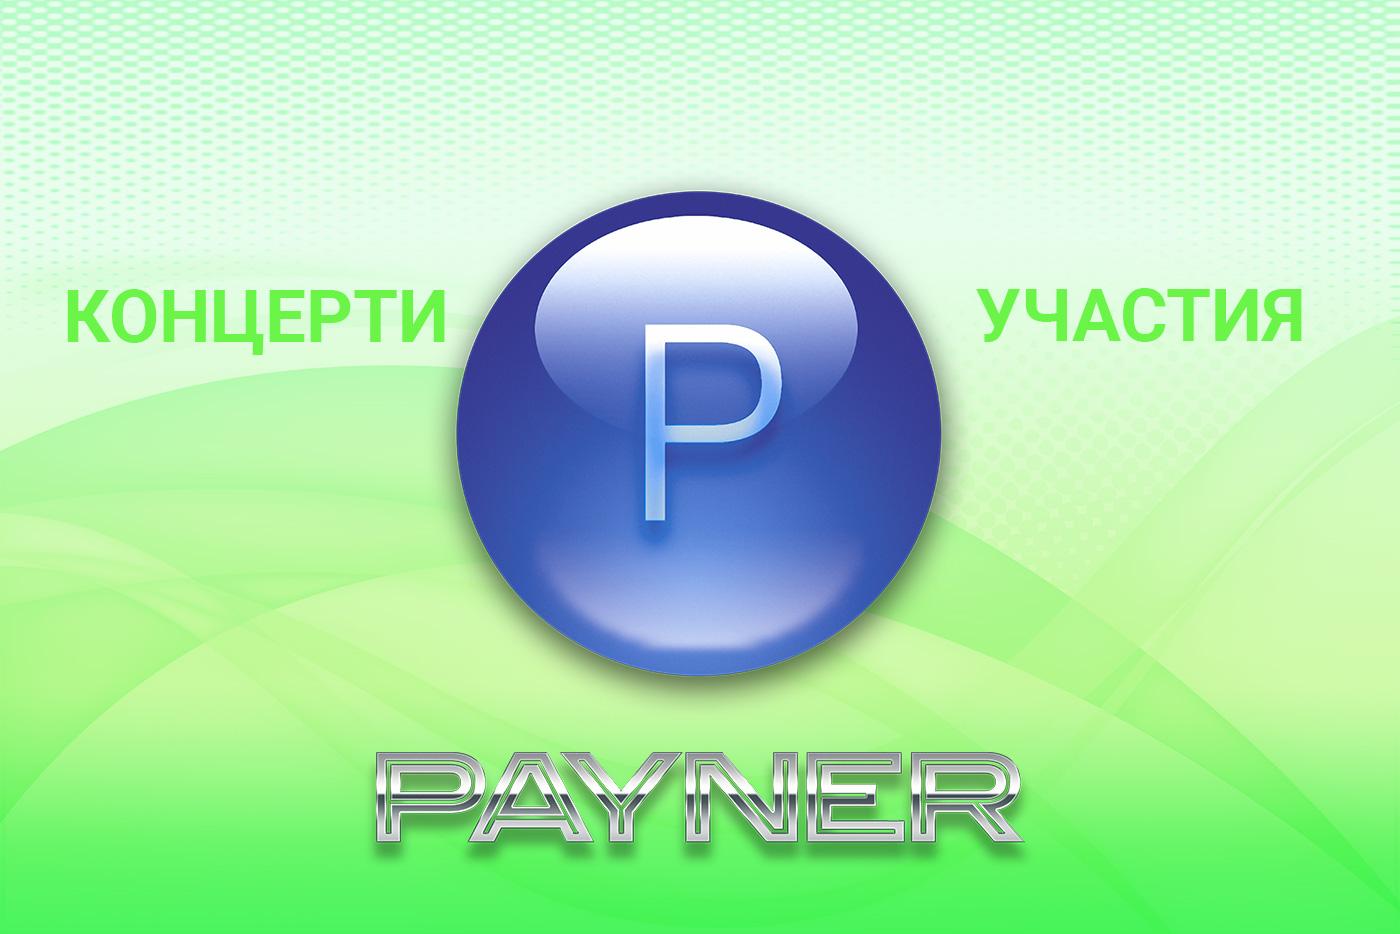 """Участия на звездите на """"Пайнер"""" на 17.10.2019"""